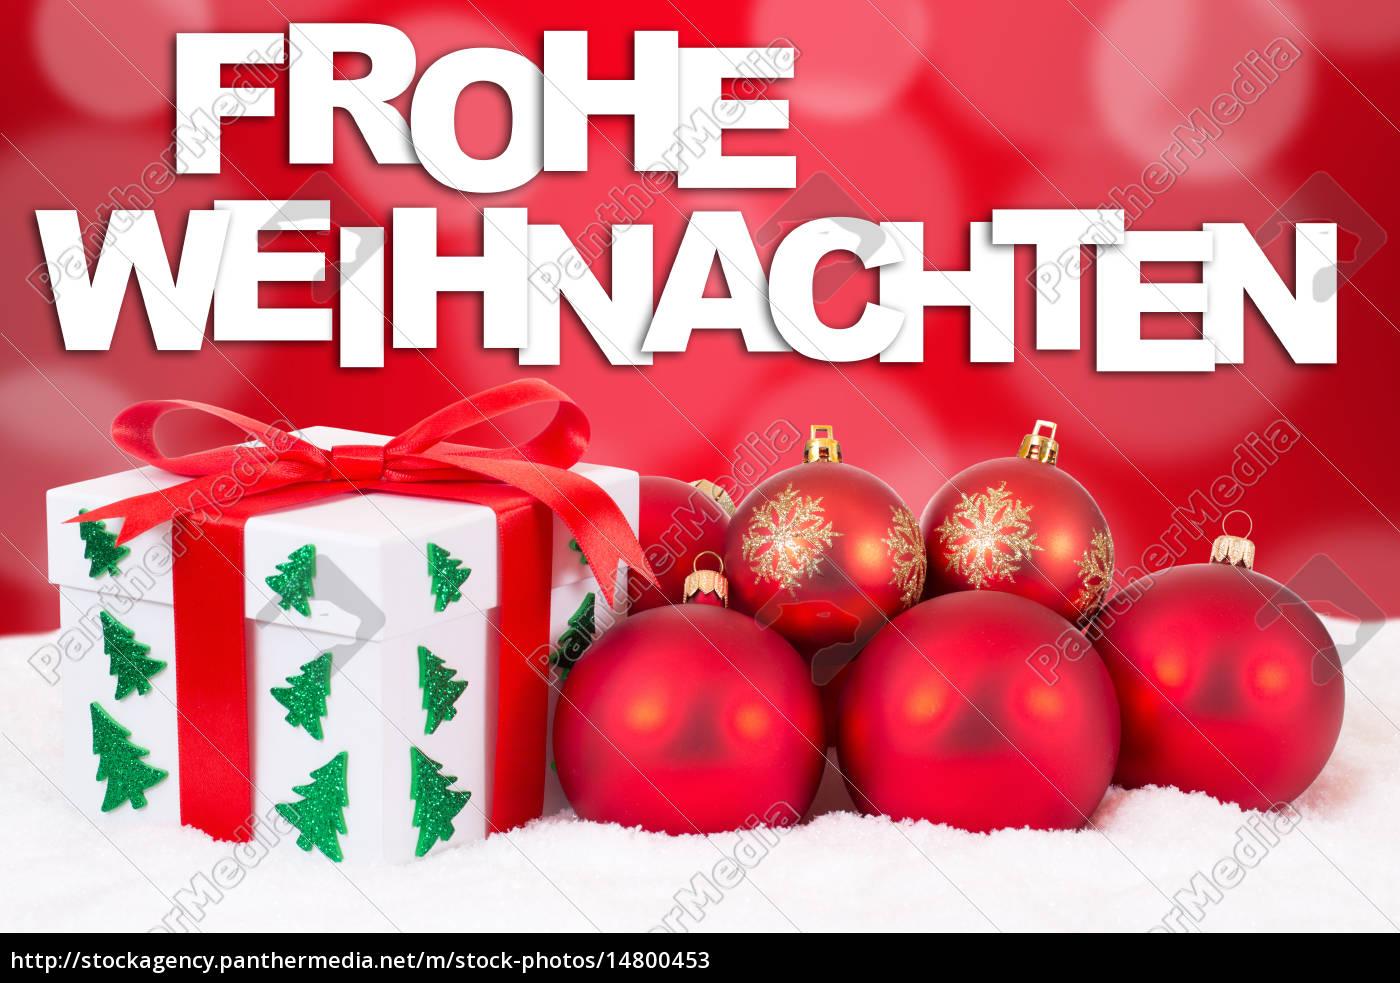 Karte Frohe Weihnachten.Lizenzfreies Bild 14800453 Frohe Weihnachten Karte Weihnachtsgeschenke Geschenke Mit Rote